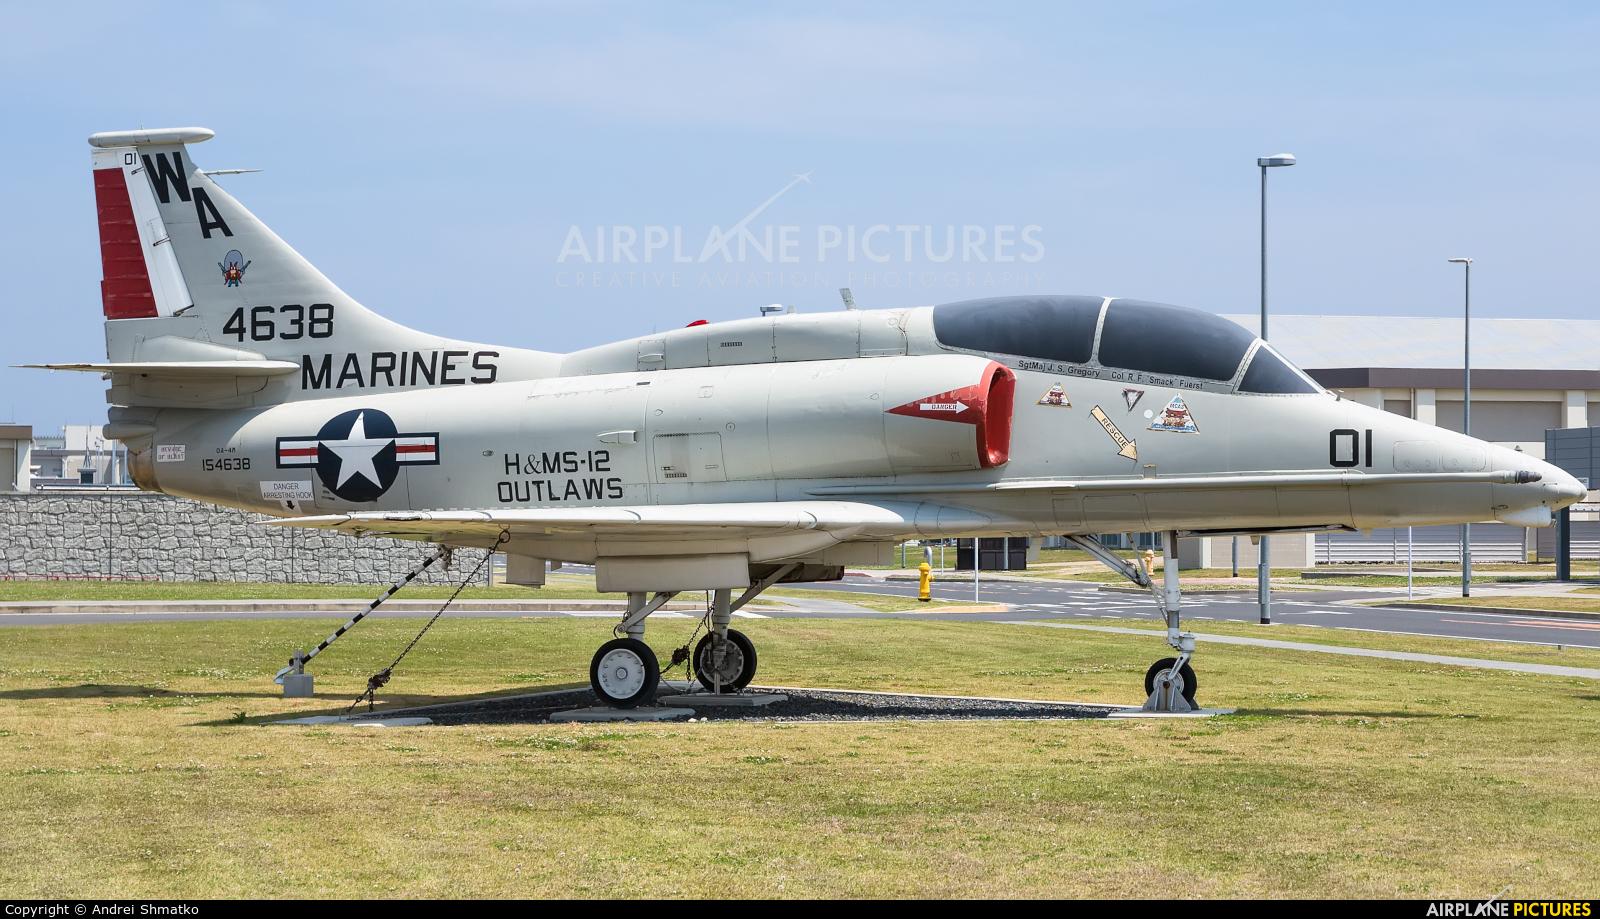 USA - Marine Corps 154638 aircraft at Iwakuni MCAS